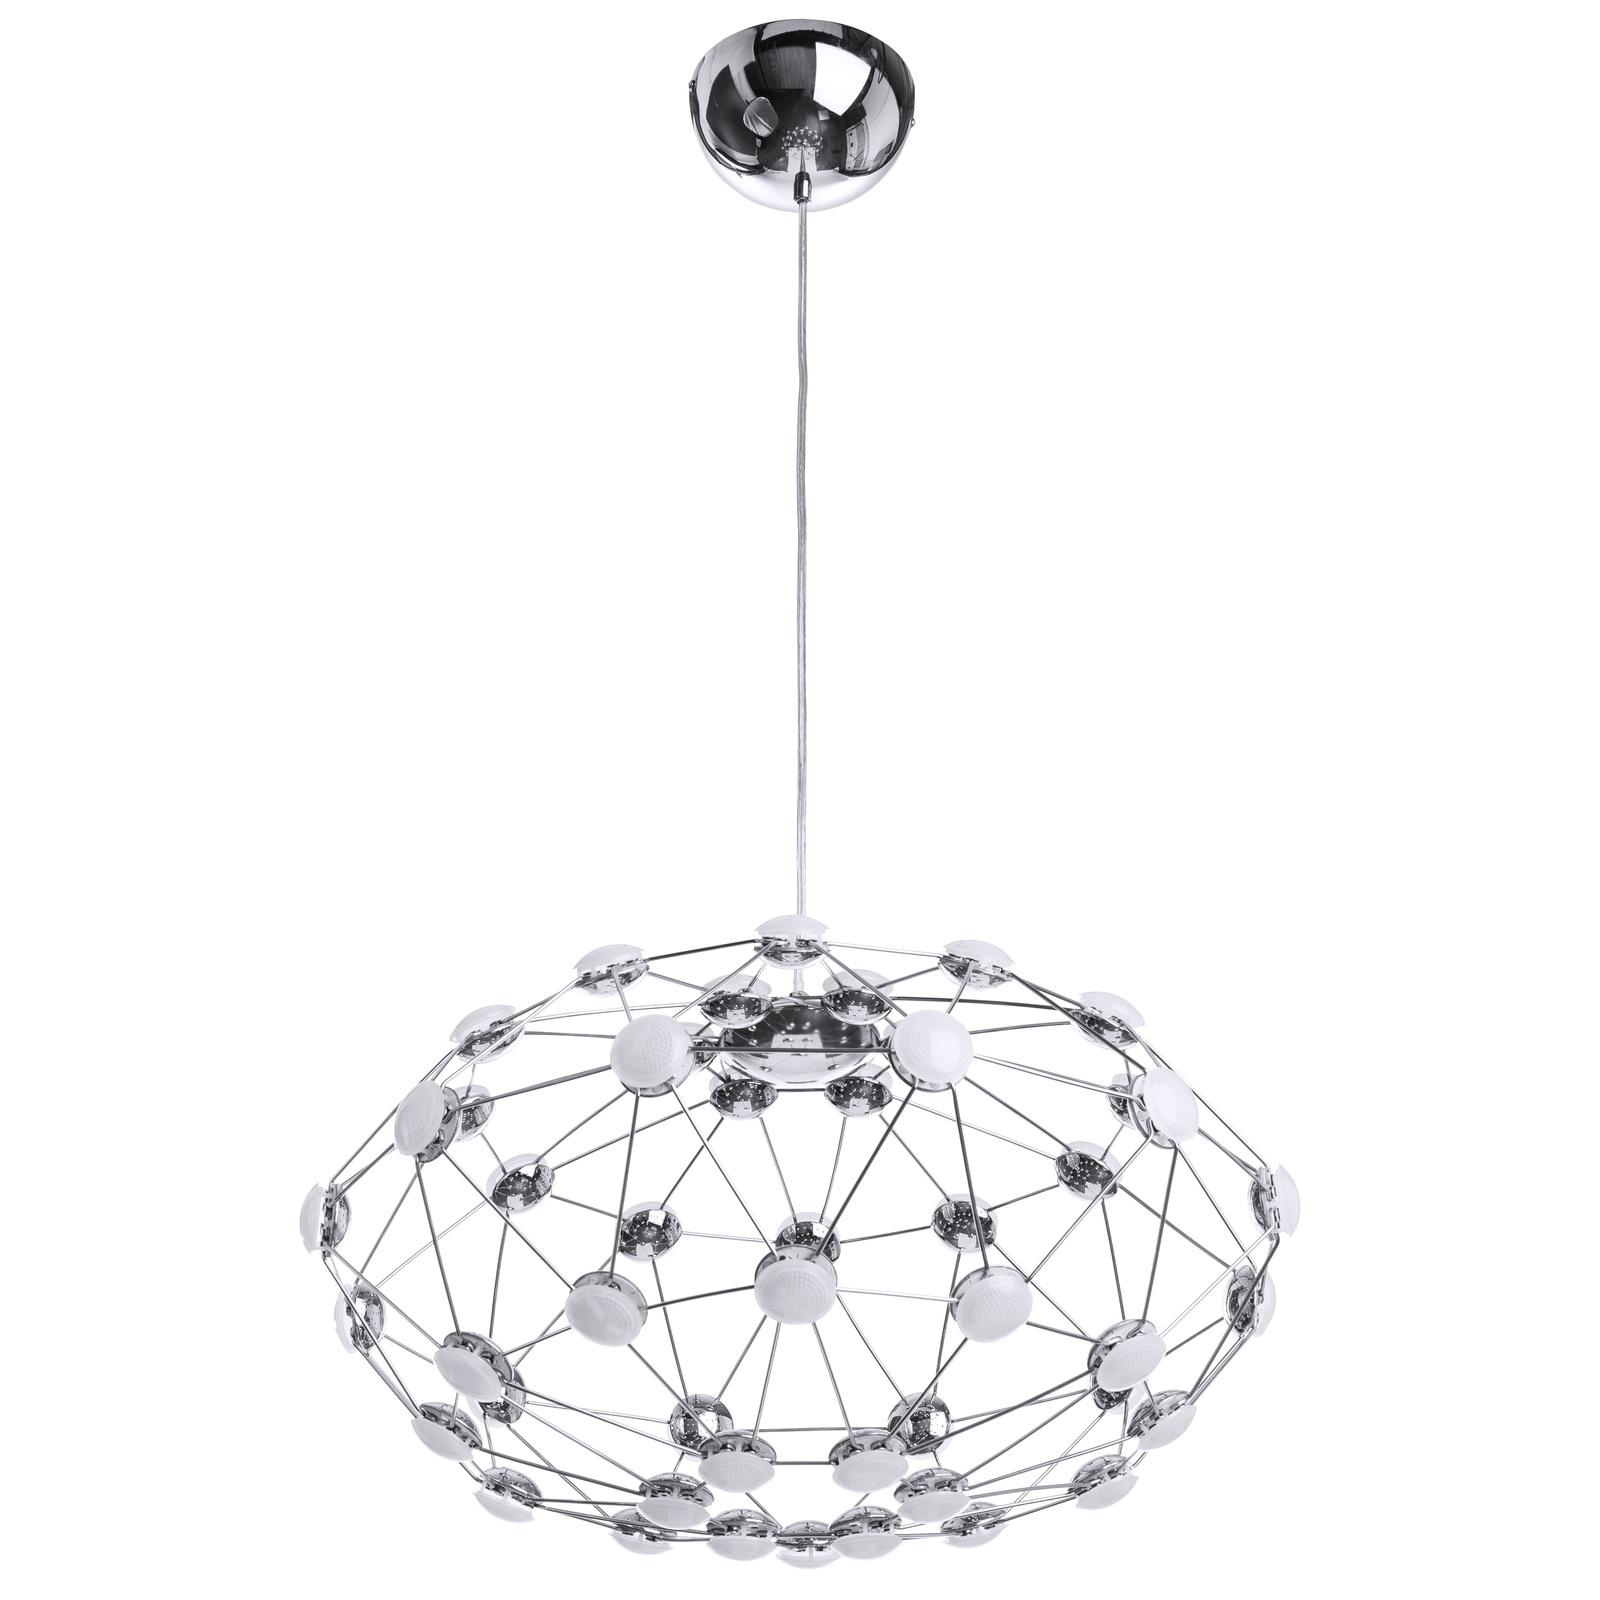 Подвесной светильник Divinare 1720/02 SP-48, серый металлик подвесной светильник divinare 1157 01 sp 2 серый металлик